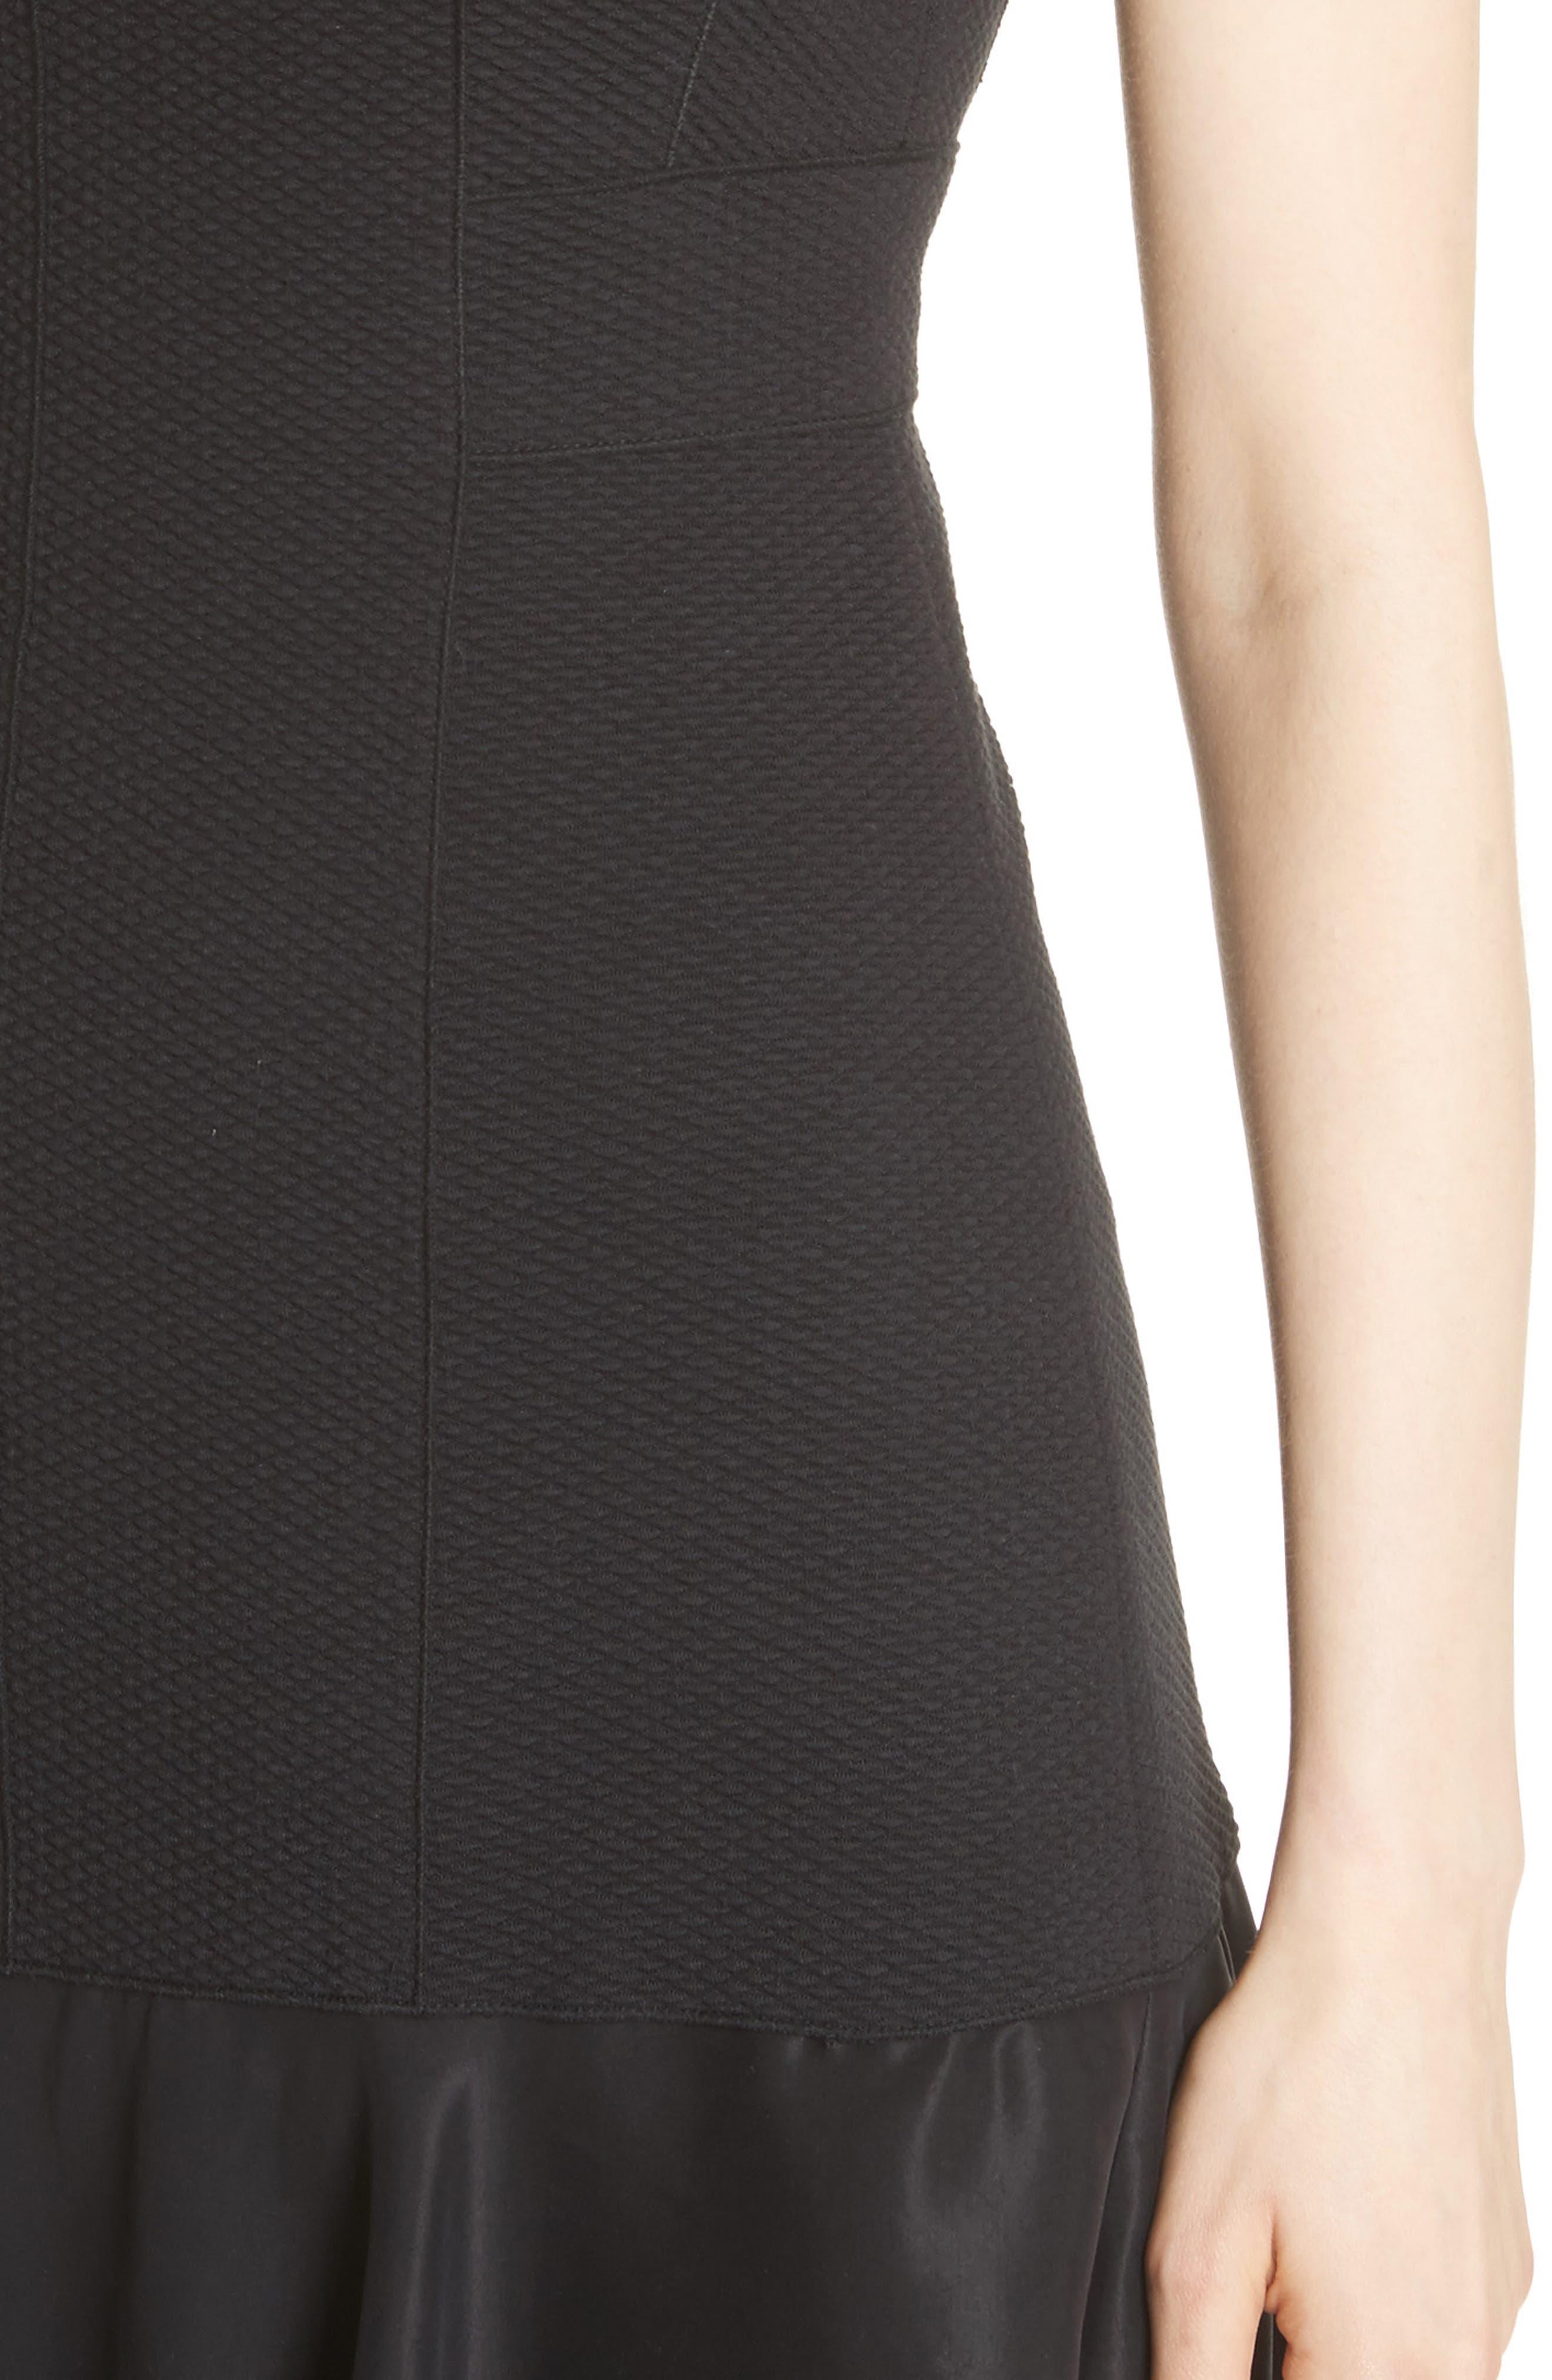 Terri Dress,                             Alternate thumbnail 4, color,                             Black